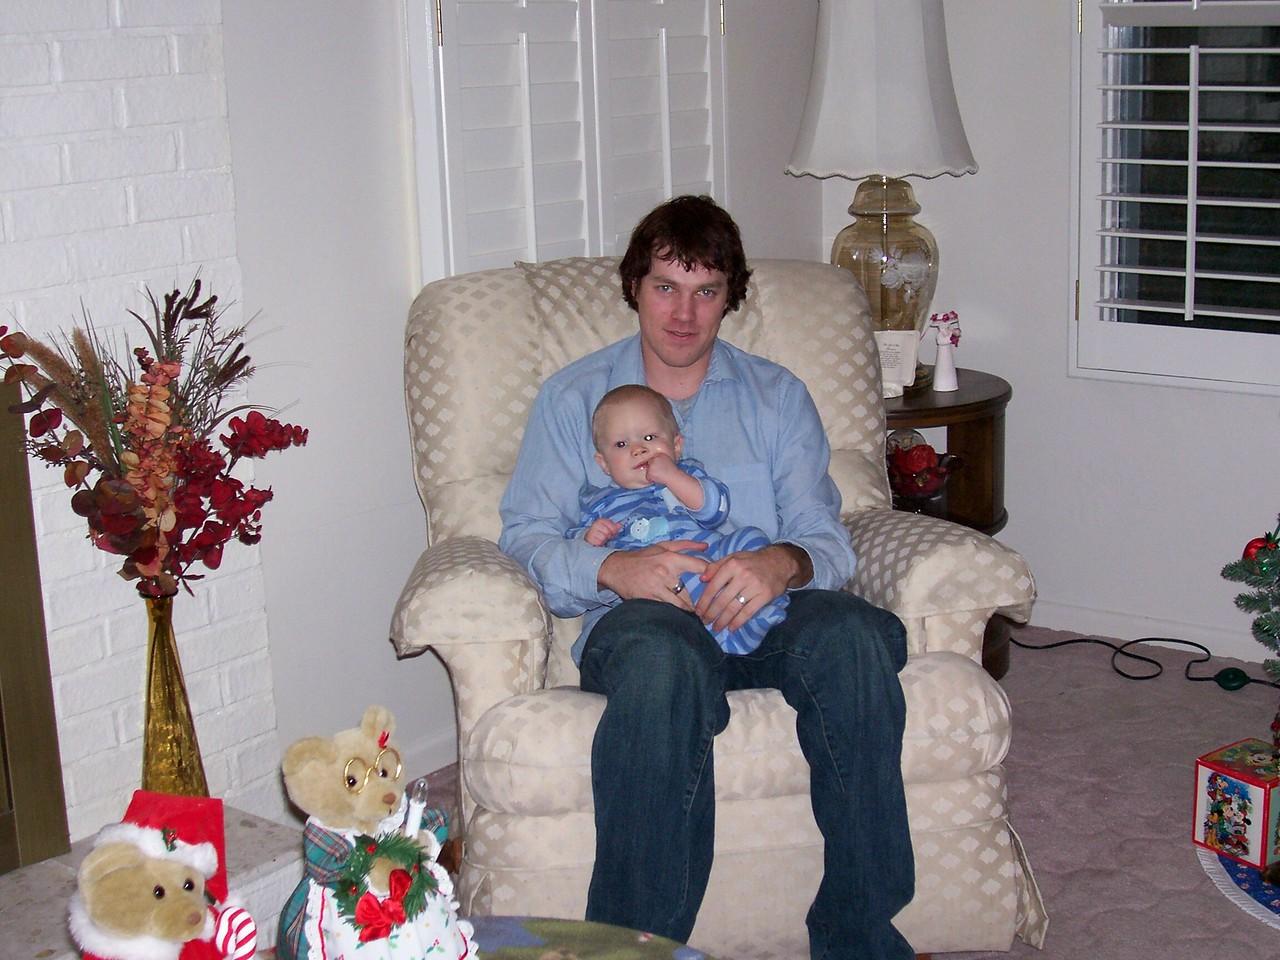 Brandon & Mikey, Christmas 2005